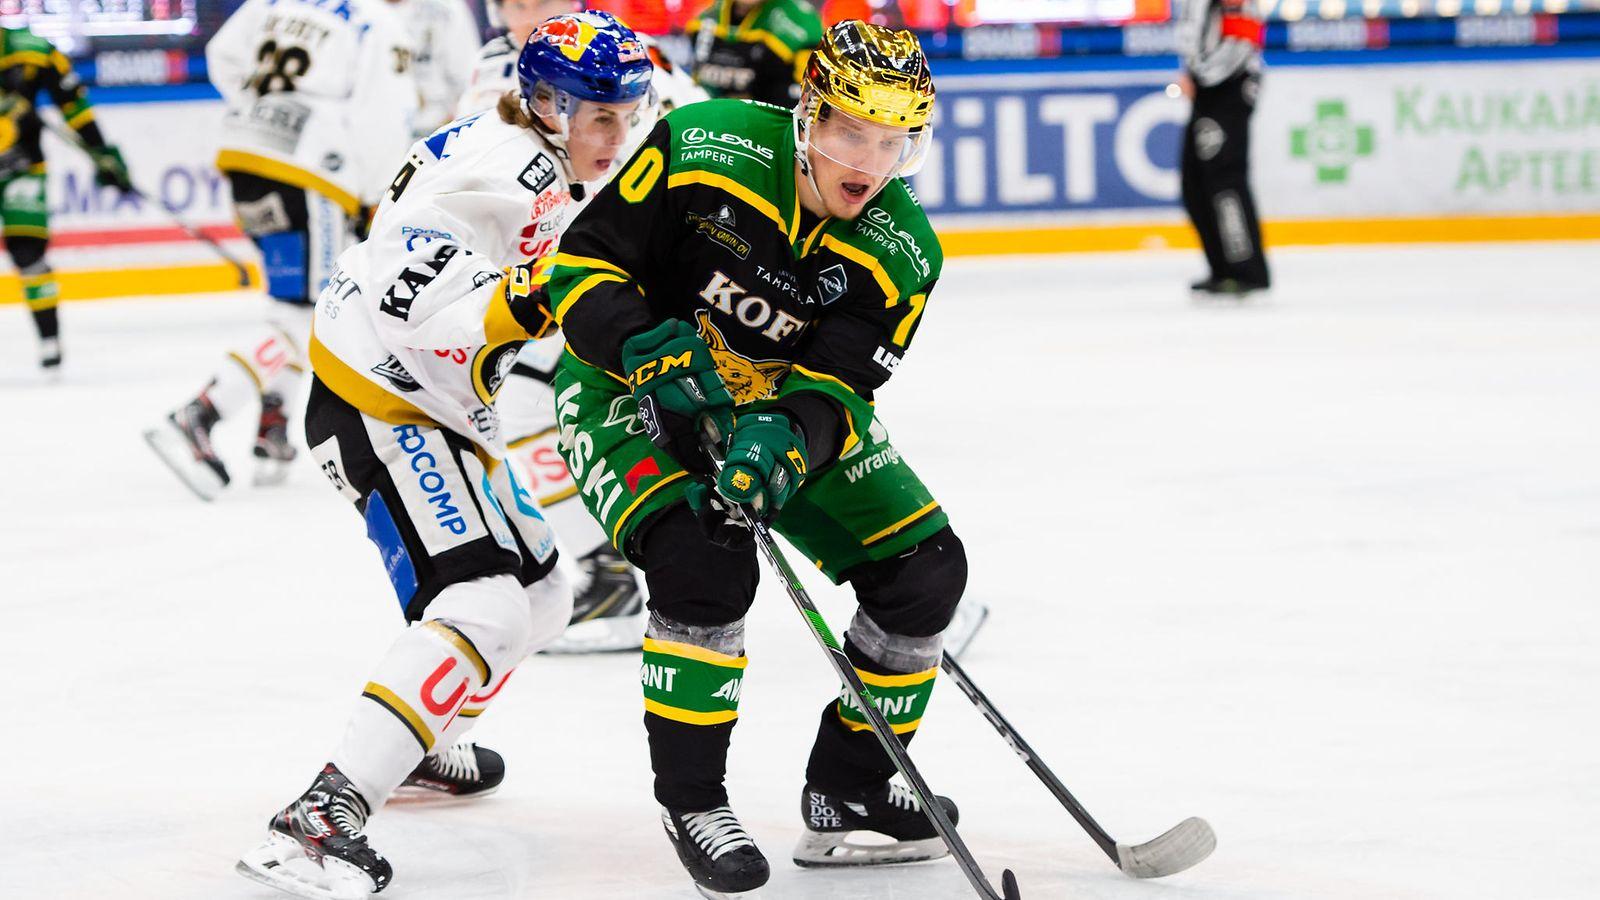 Katsojien käyttäytymistä ohjaavat säännöt KHL:ssä